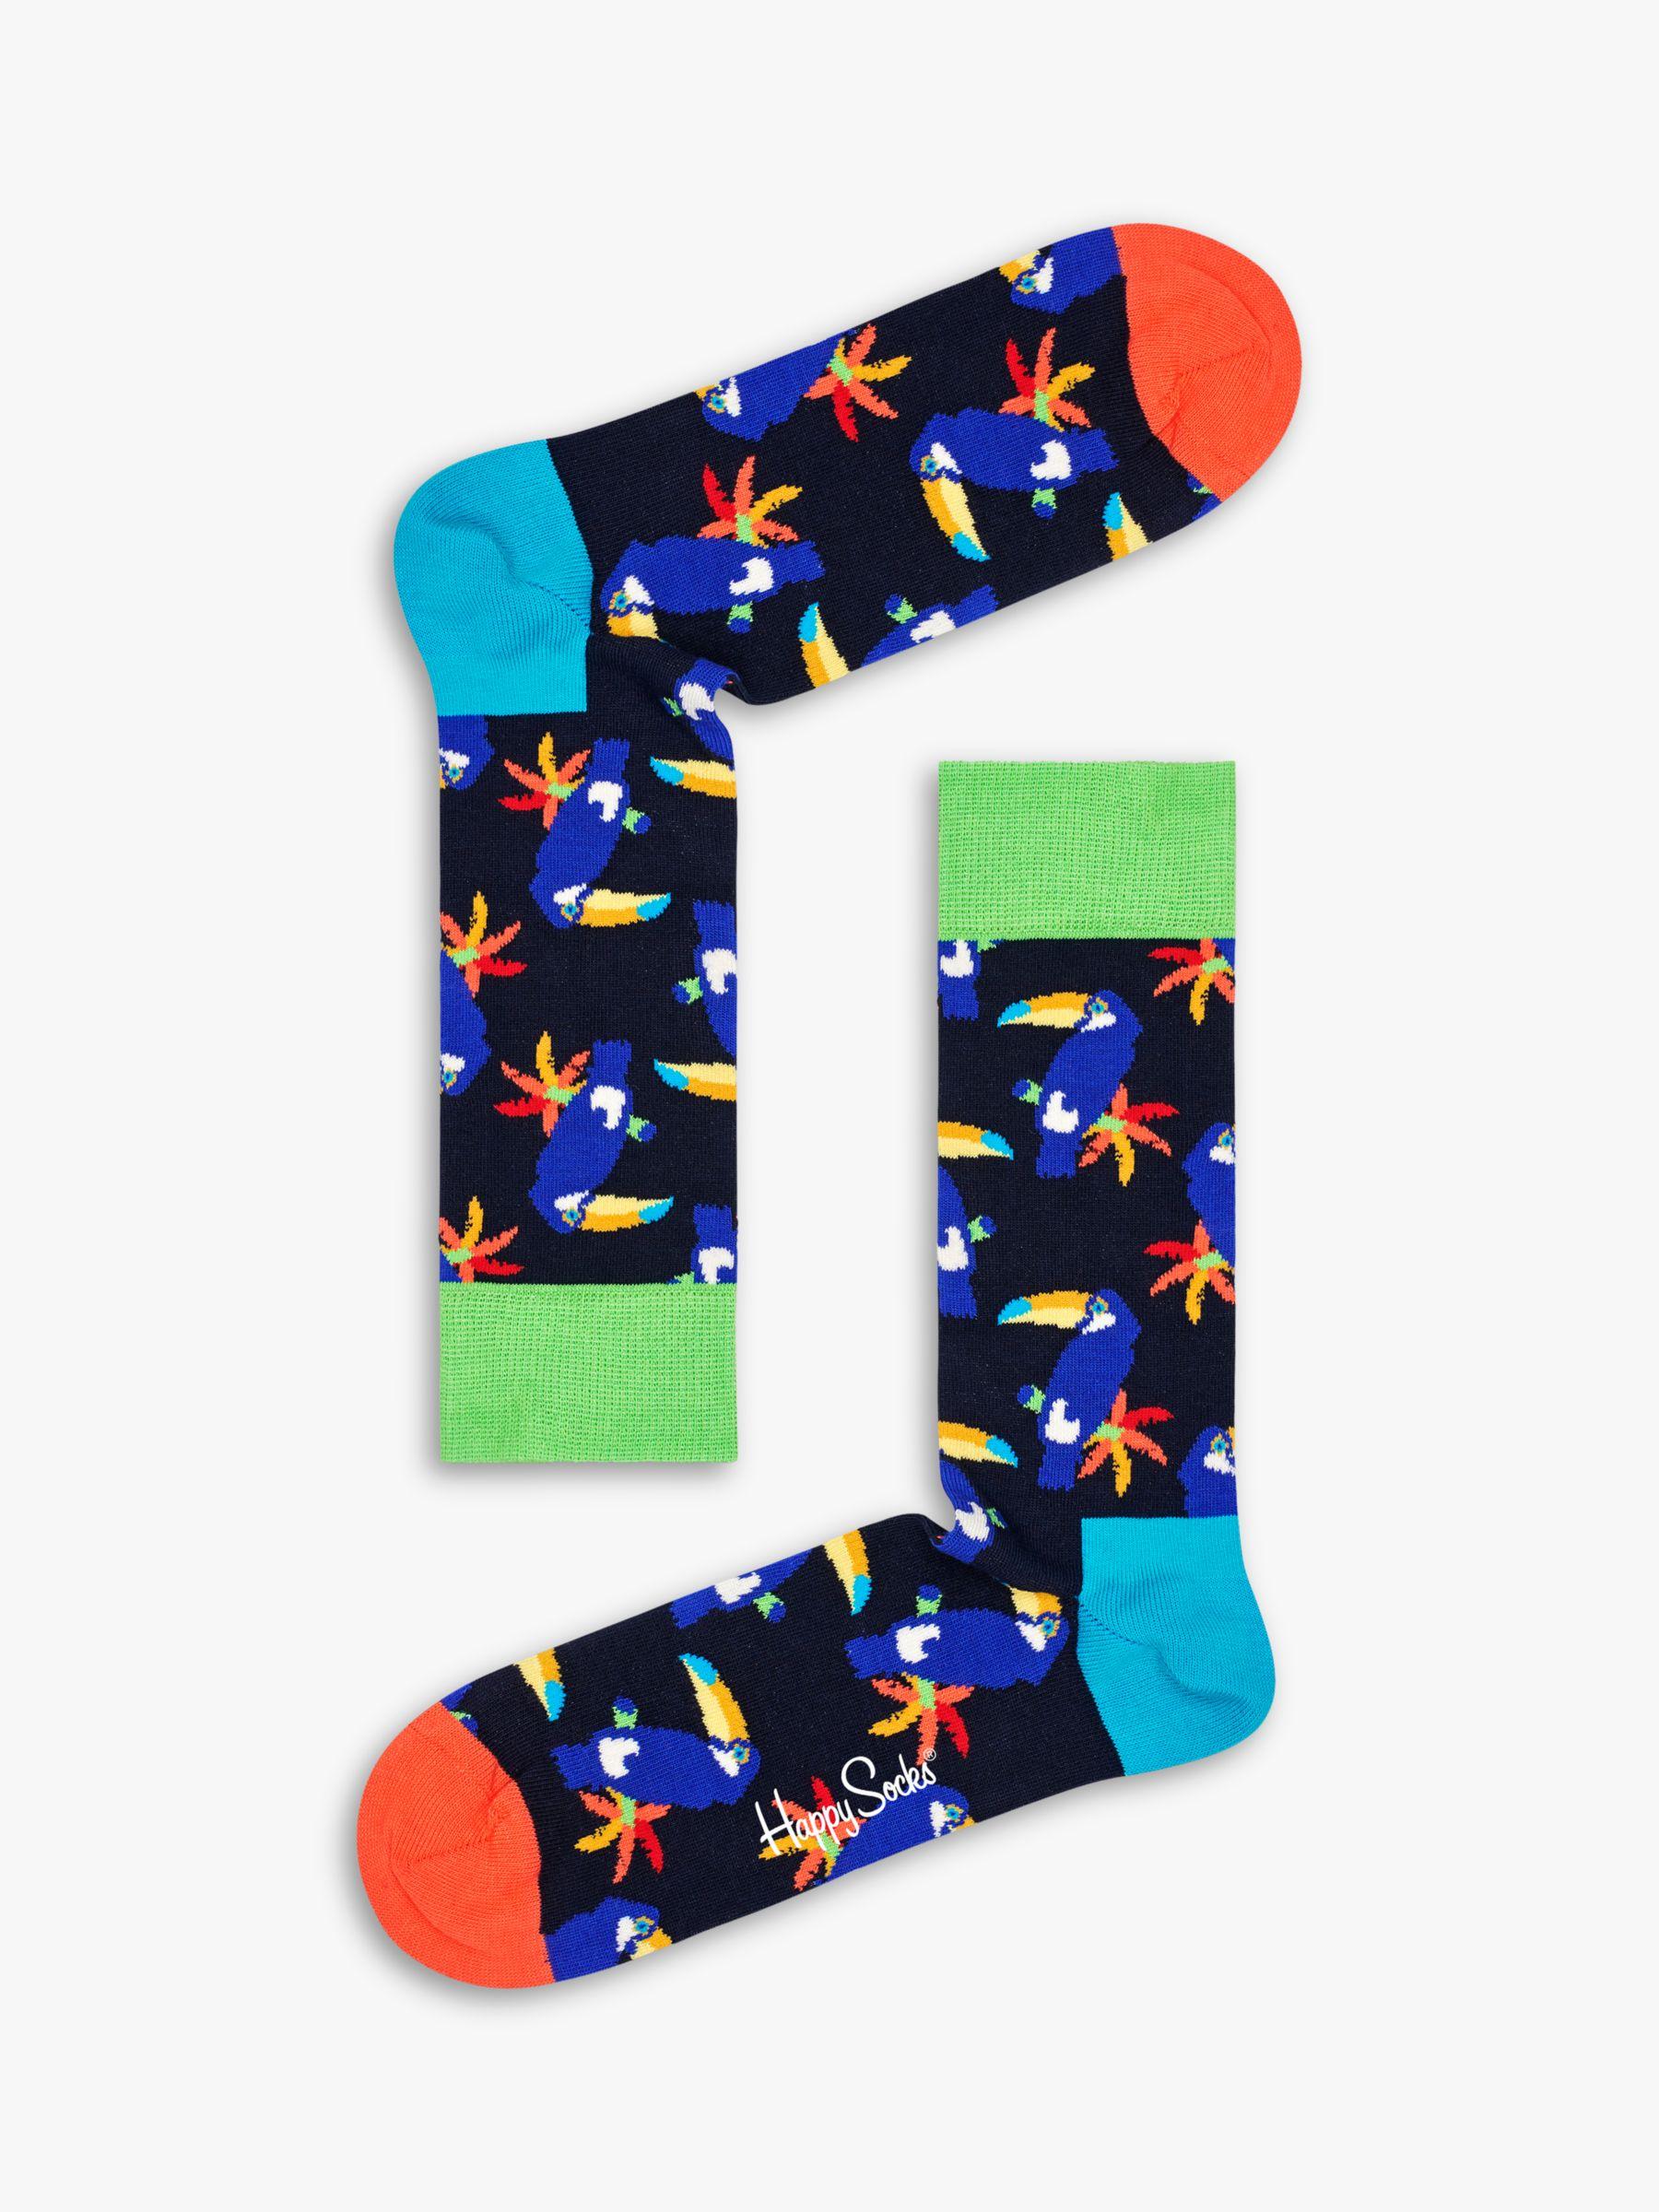 Happy Socks Happy Socks Toucan Socks, One Size, Black